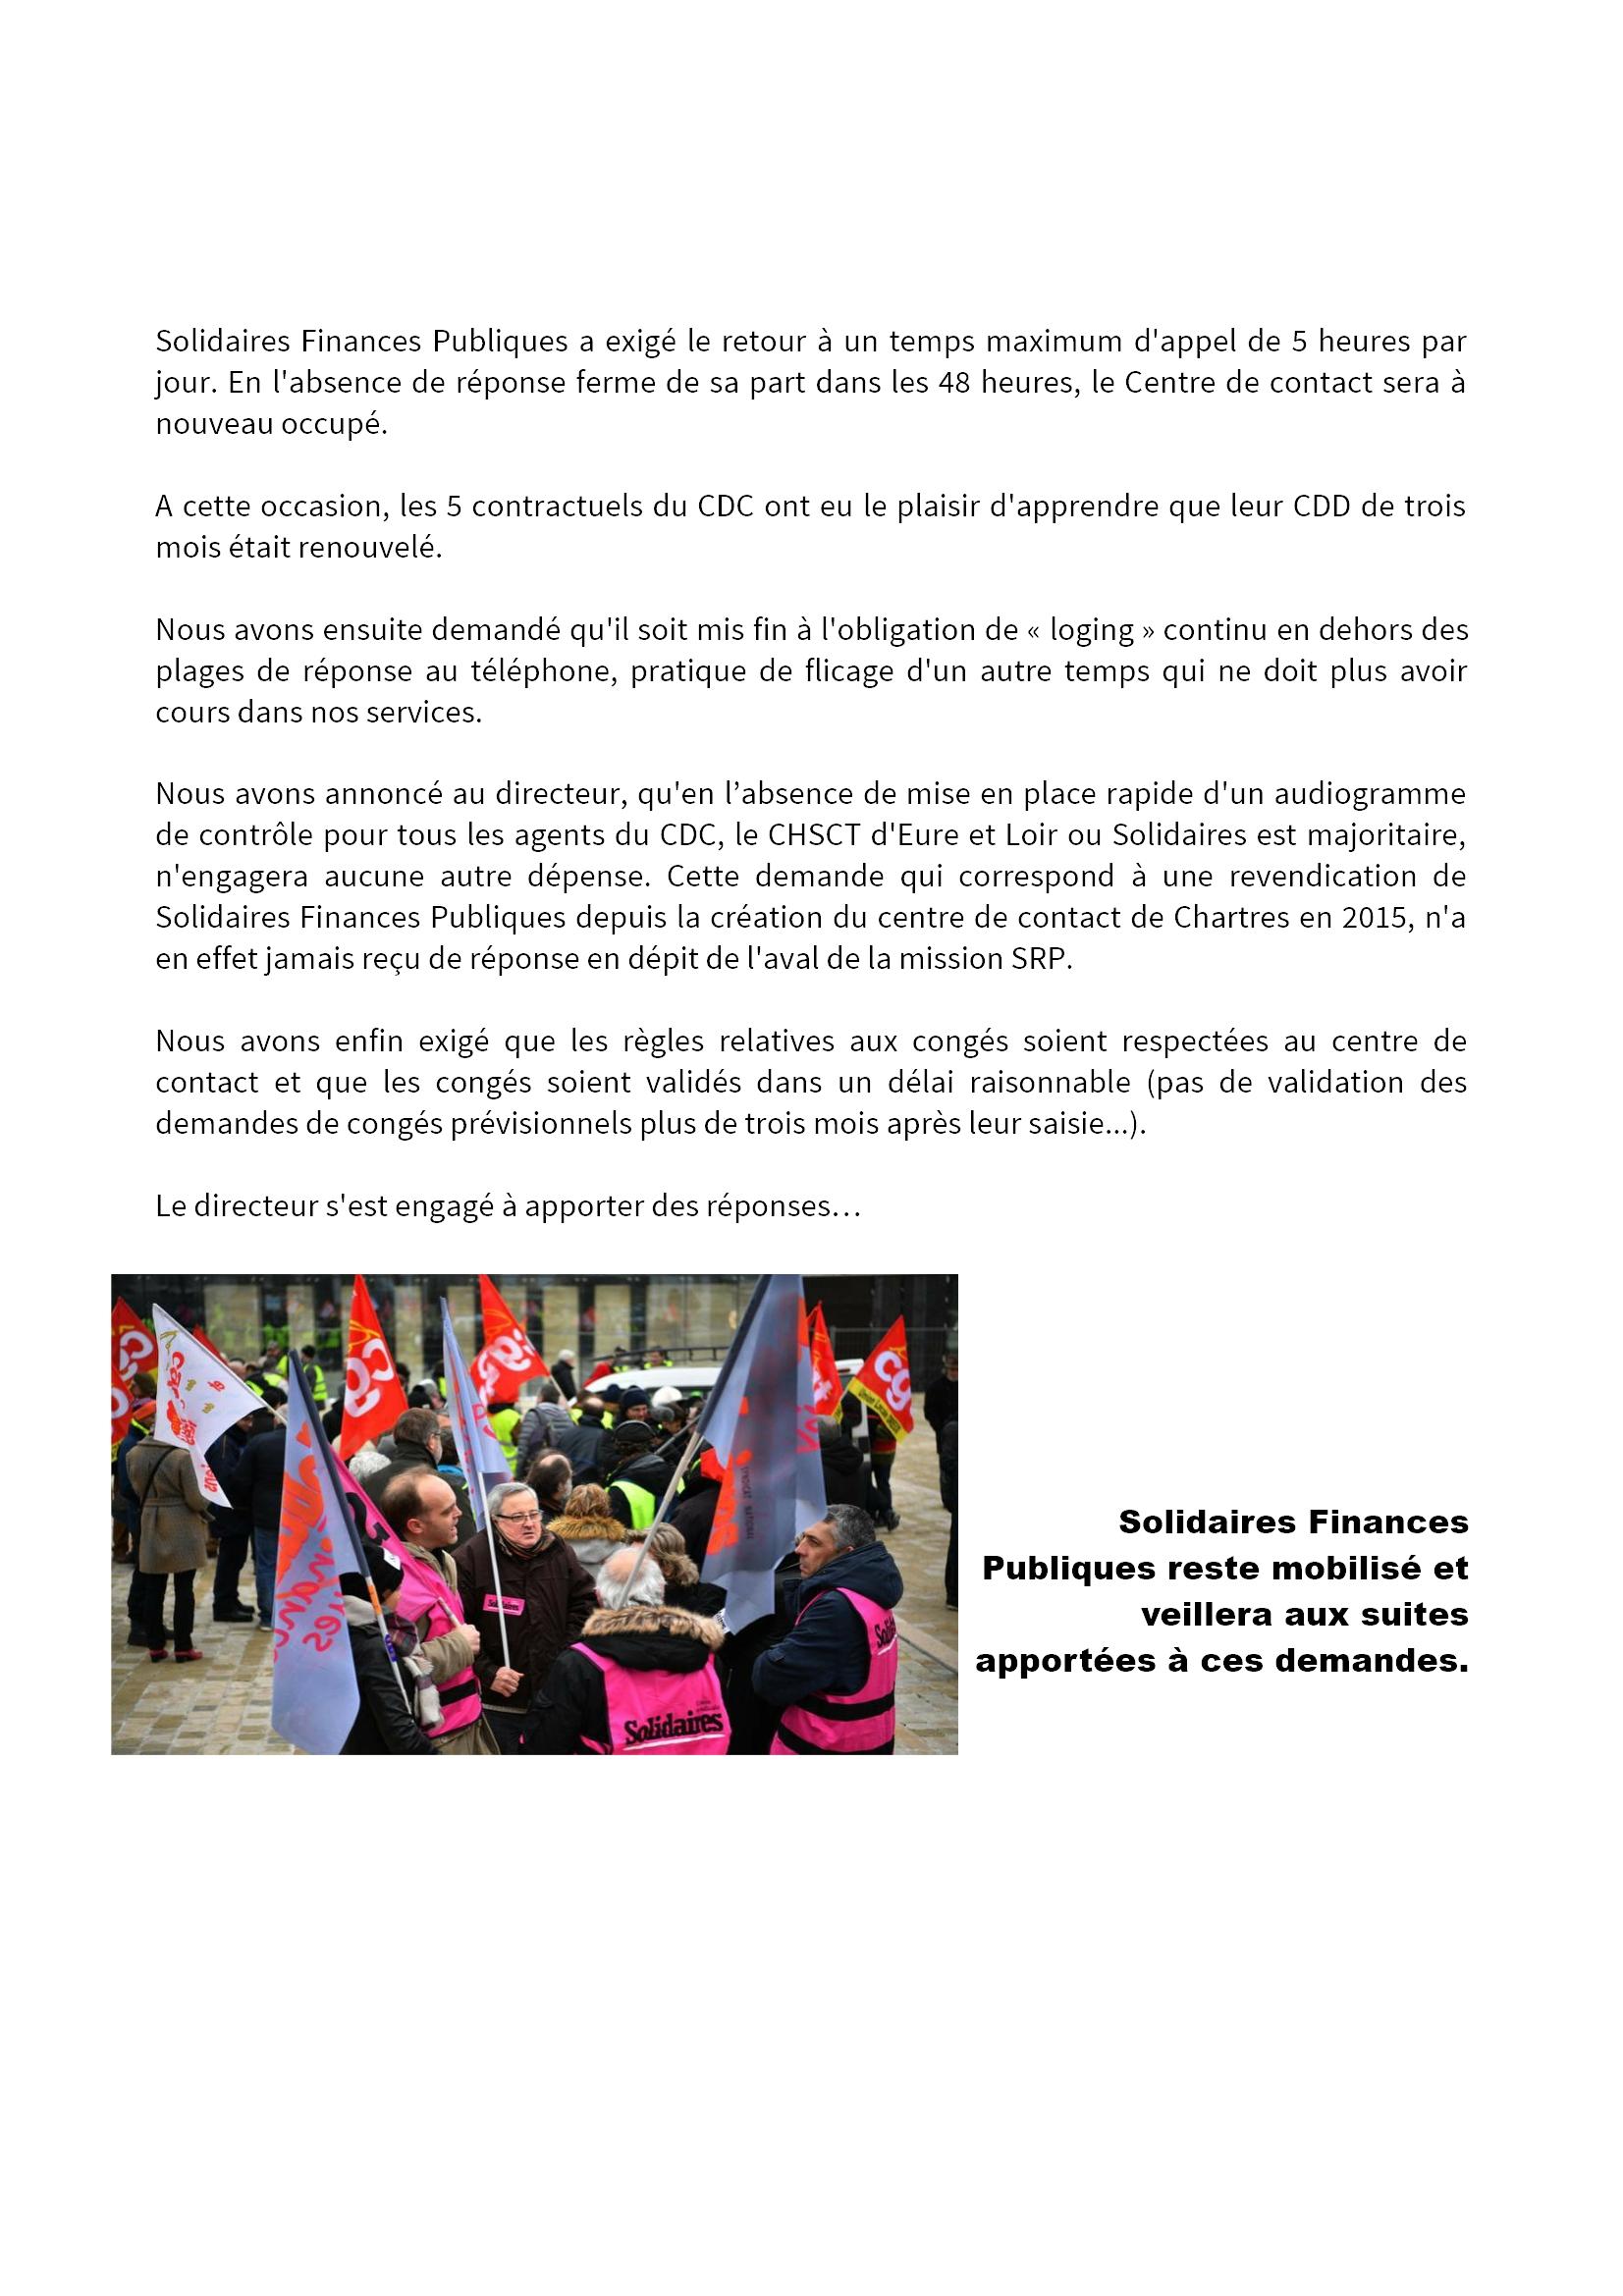 Grève et actions du 5 février 2019 aux Finances à Chartres [CR Solidaires] 2x3